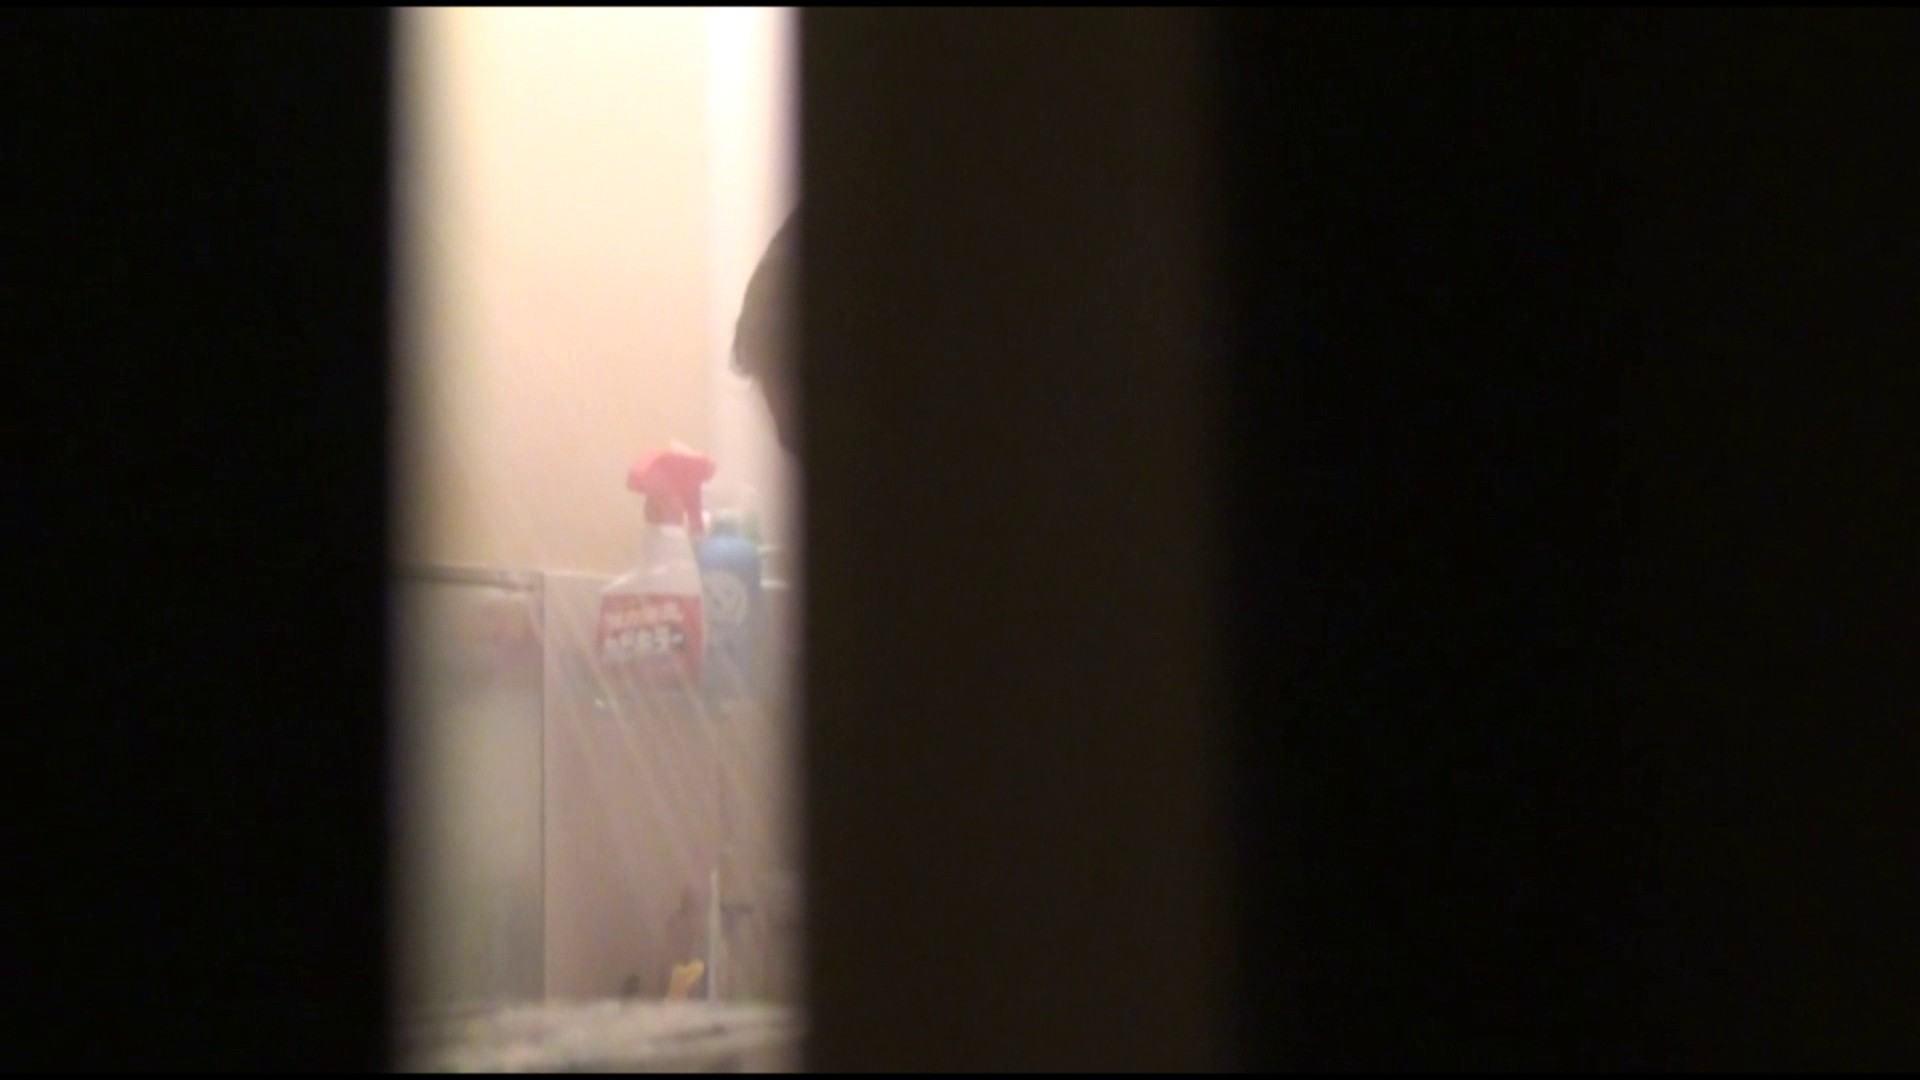 巨乳おまんこ:vol.08最高のパイラインを流れるシャワーの水が極上嬢をさらに引き立てます!:怪盗ジョーカー